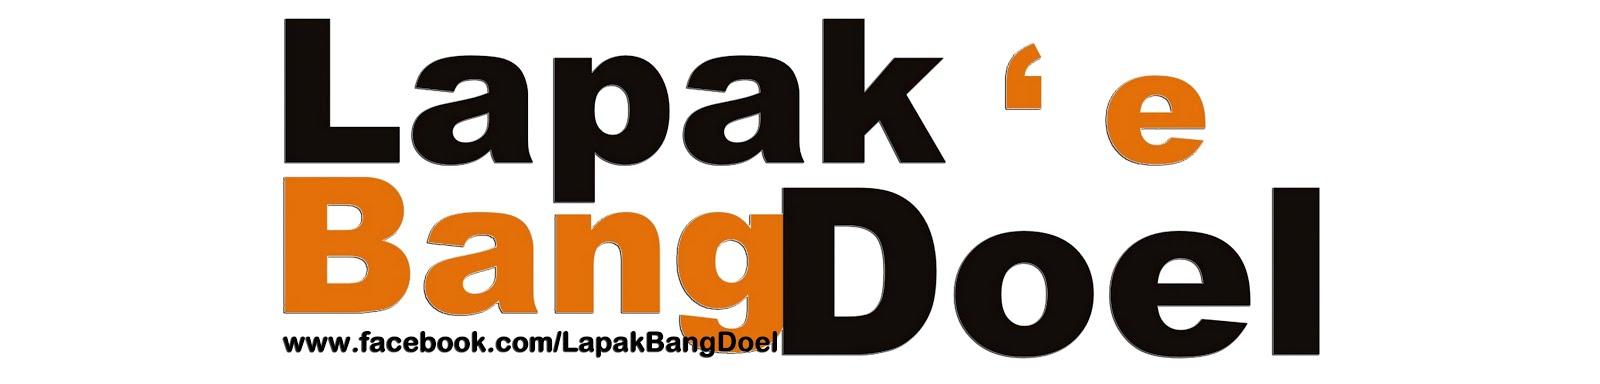 Lapak Bang Doel